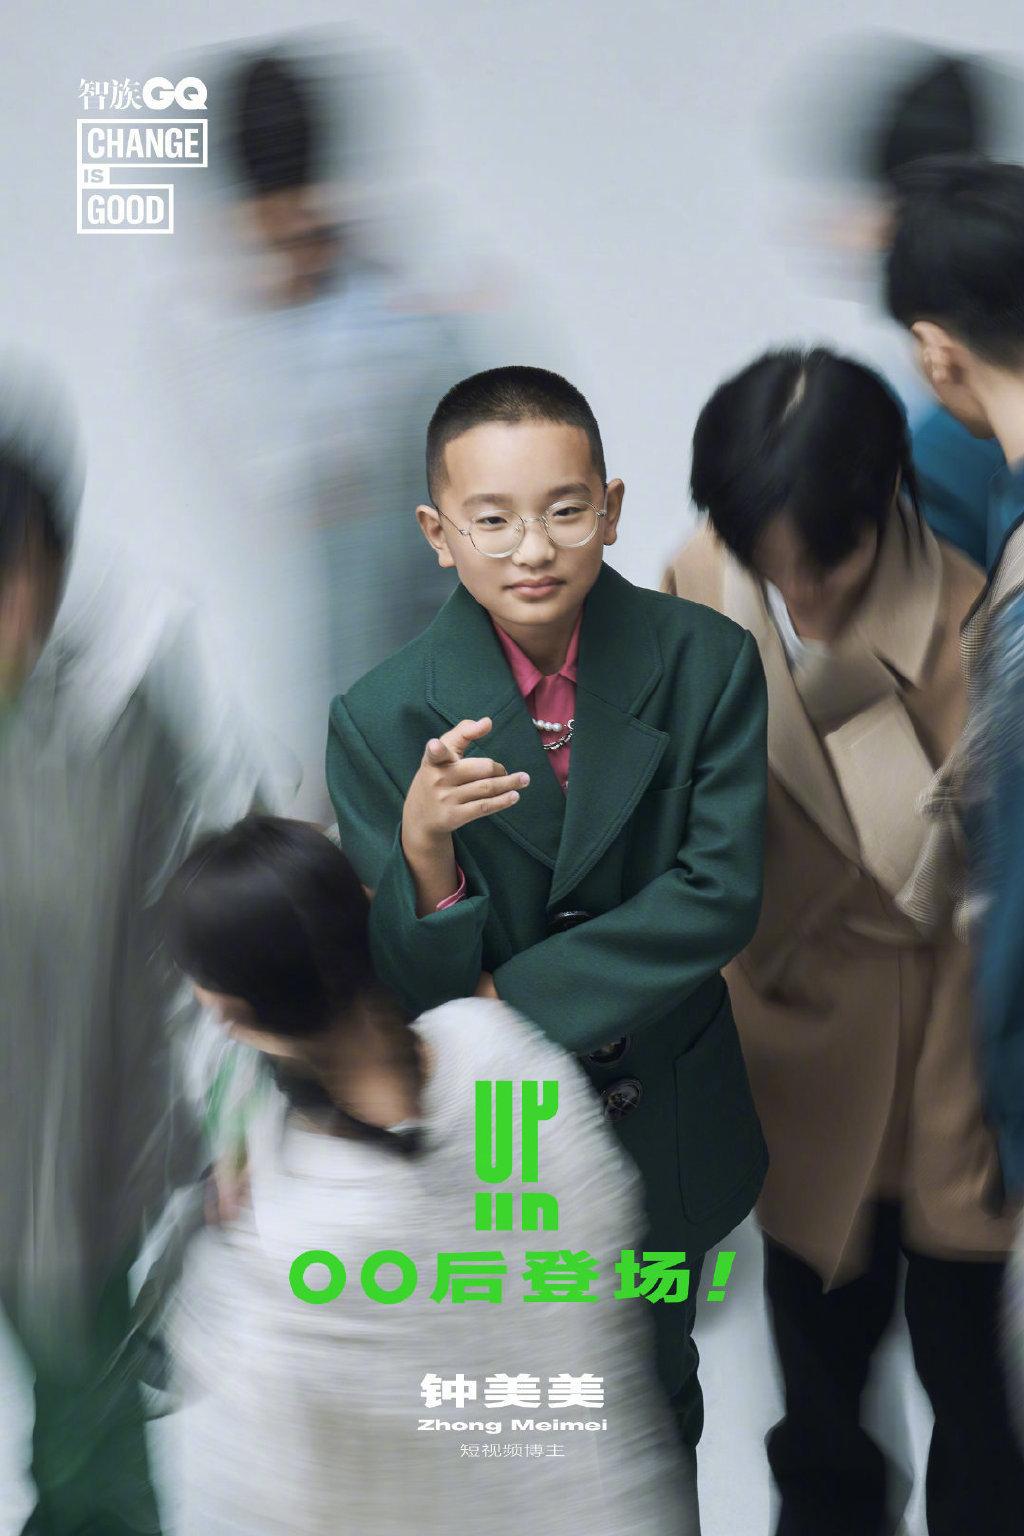 钟宇升 智族GQ 九月刊11周年特辑大片,浮夸流苏,粉色假发